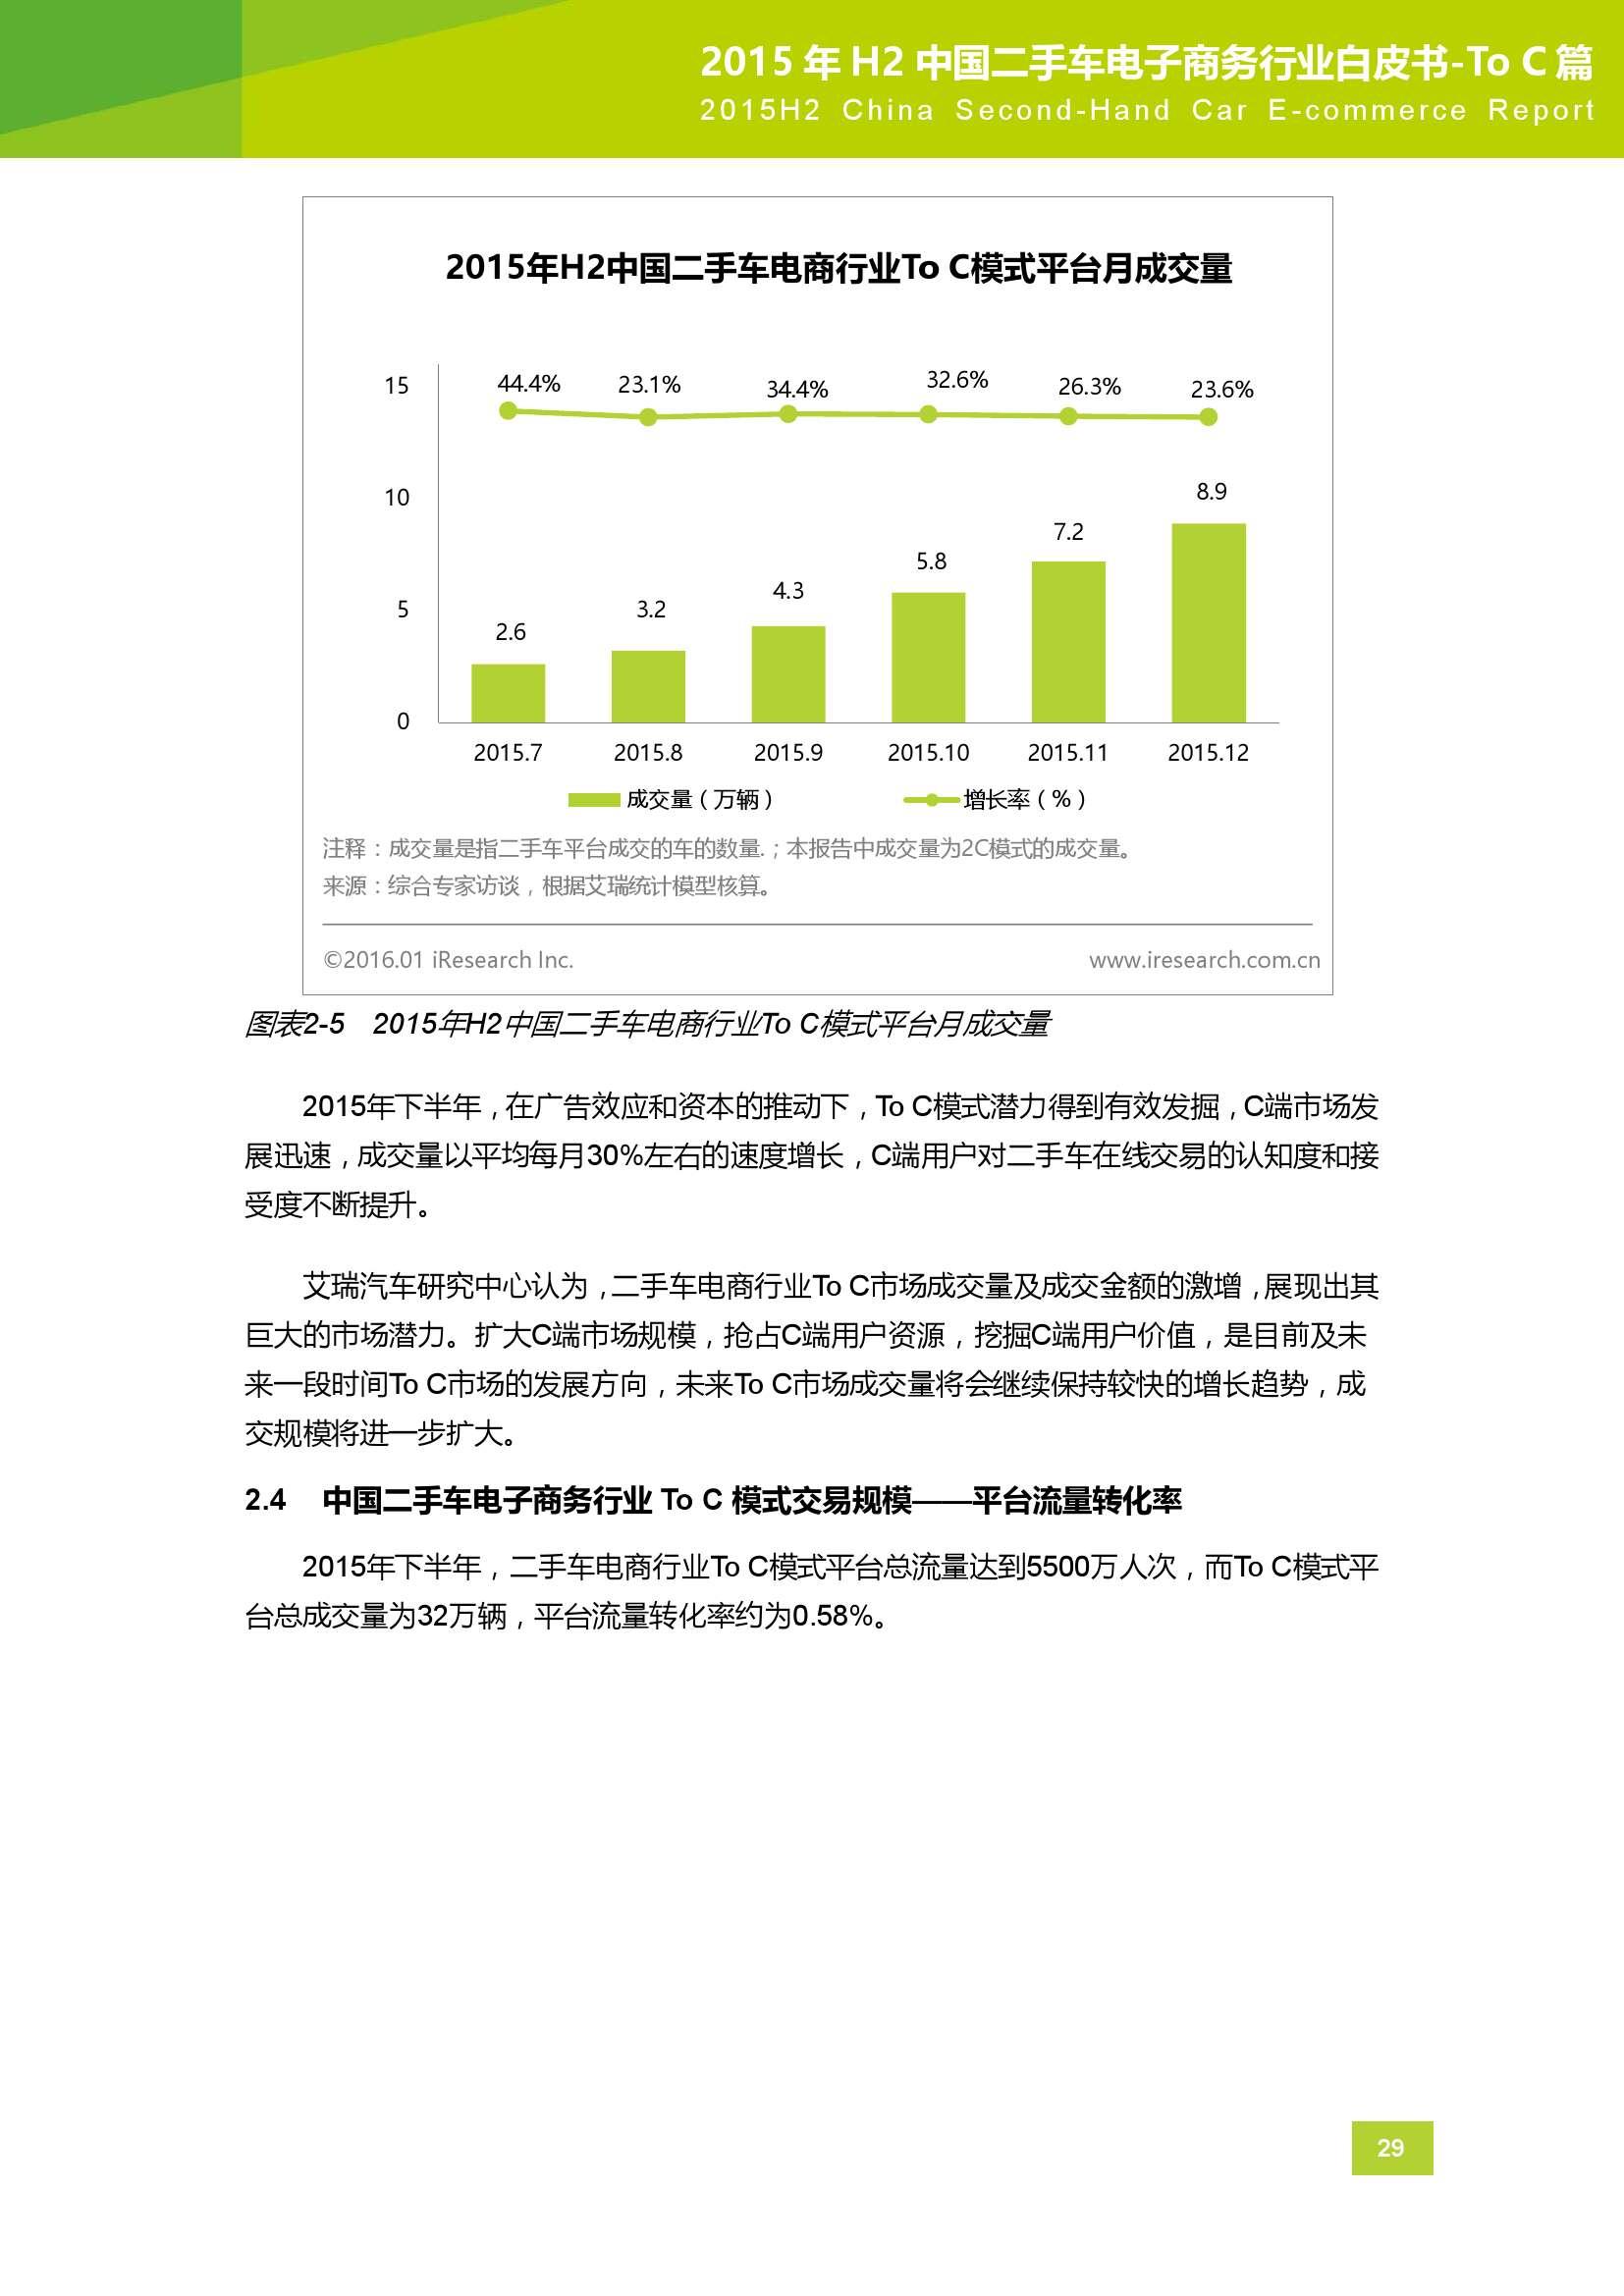 2015年H2中国二手车电子商务行业白皮书_000029